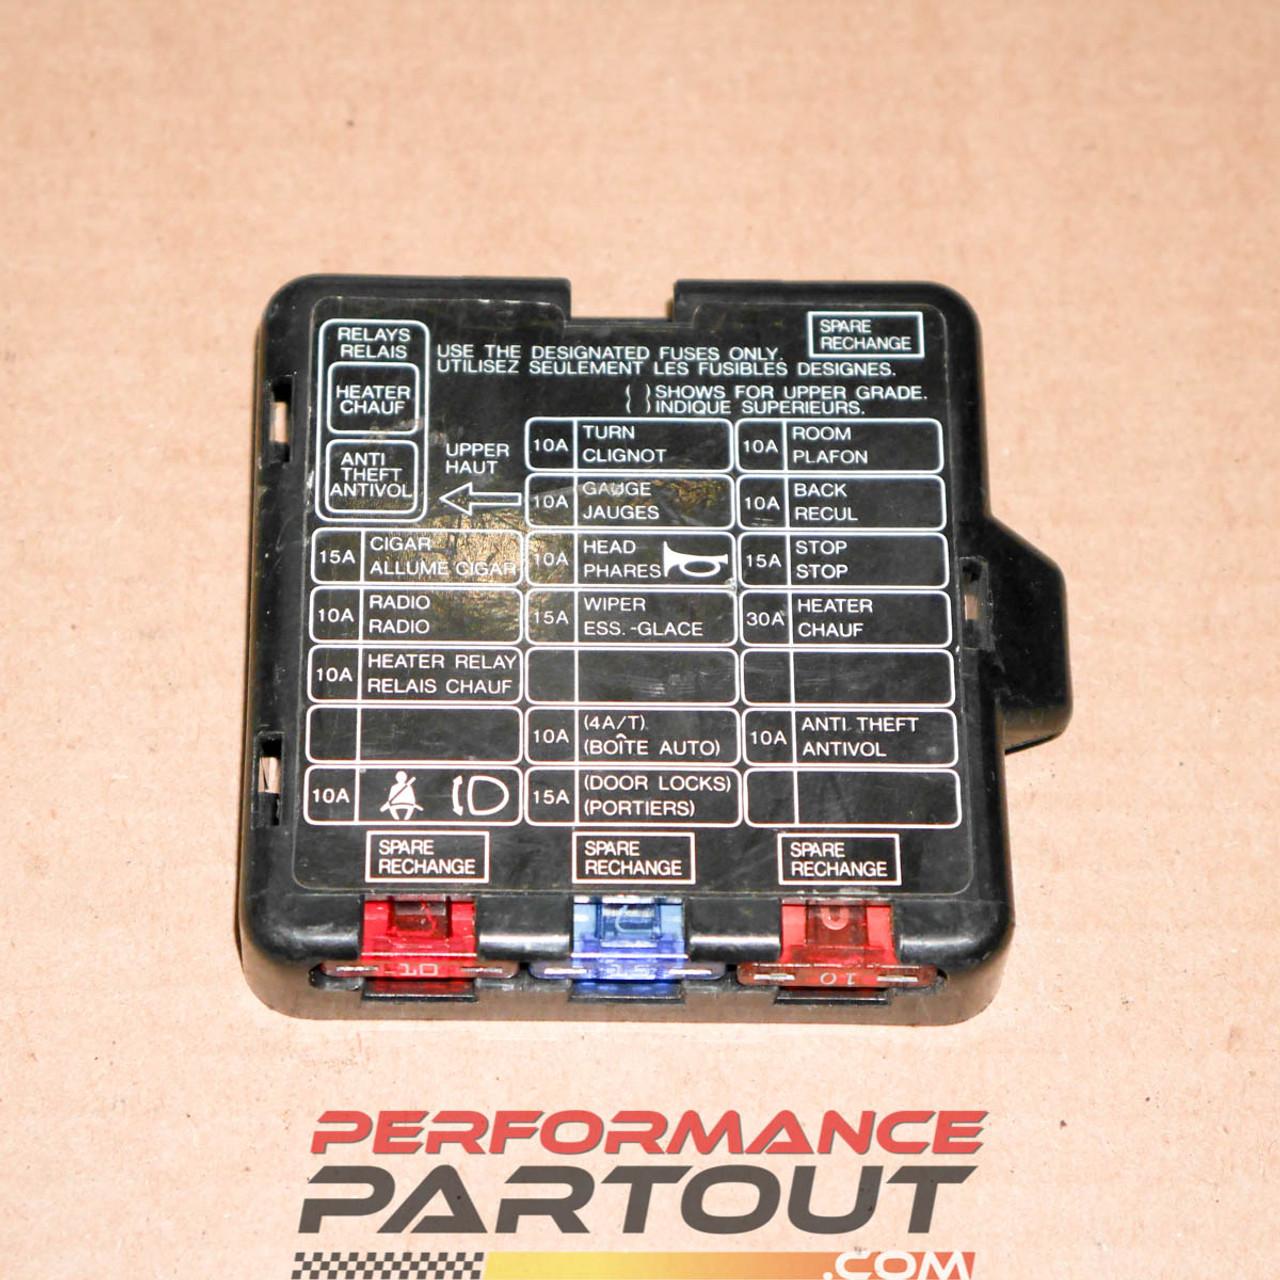 medium resolution of fuse box cover interior 90 94 dsm performance partoutfuse box cover interior 90 94 dsm